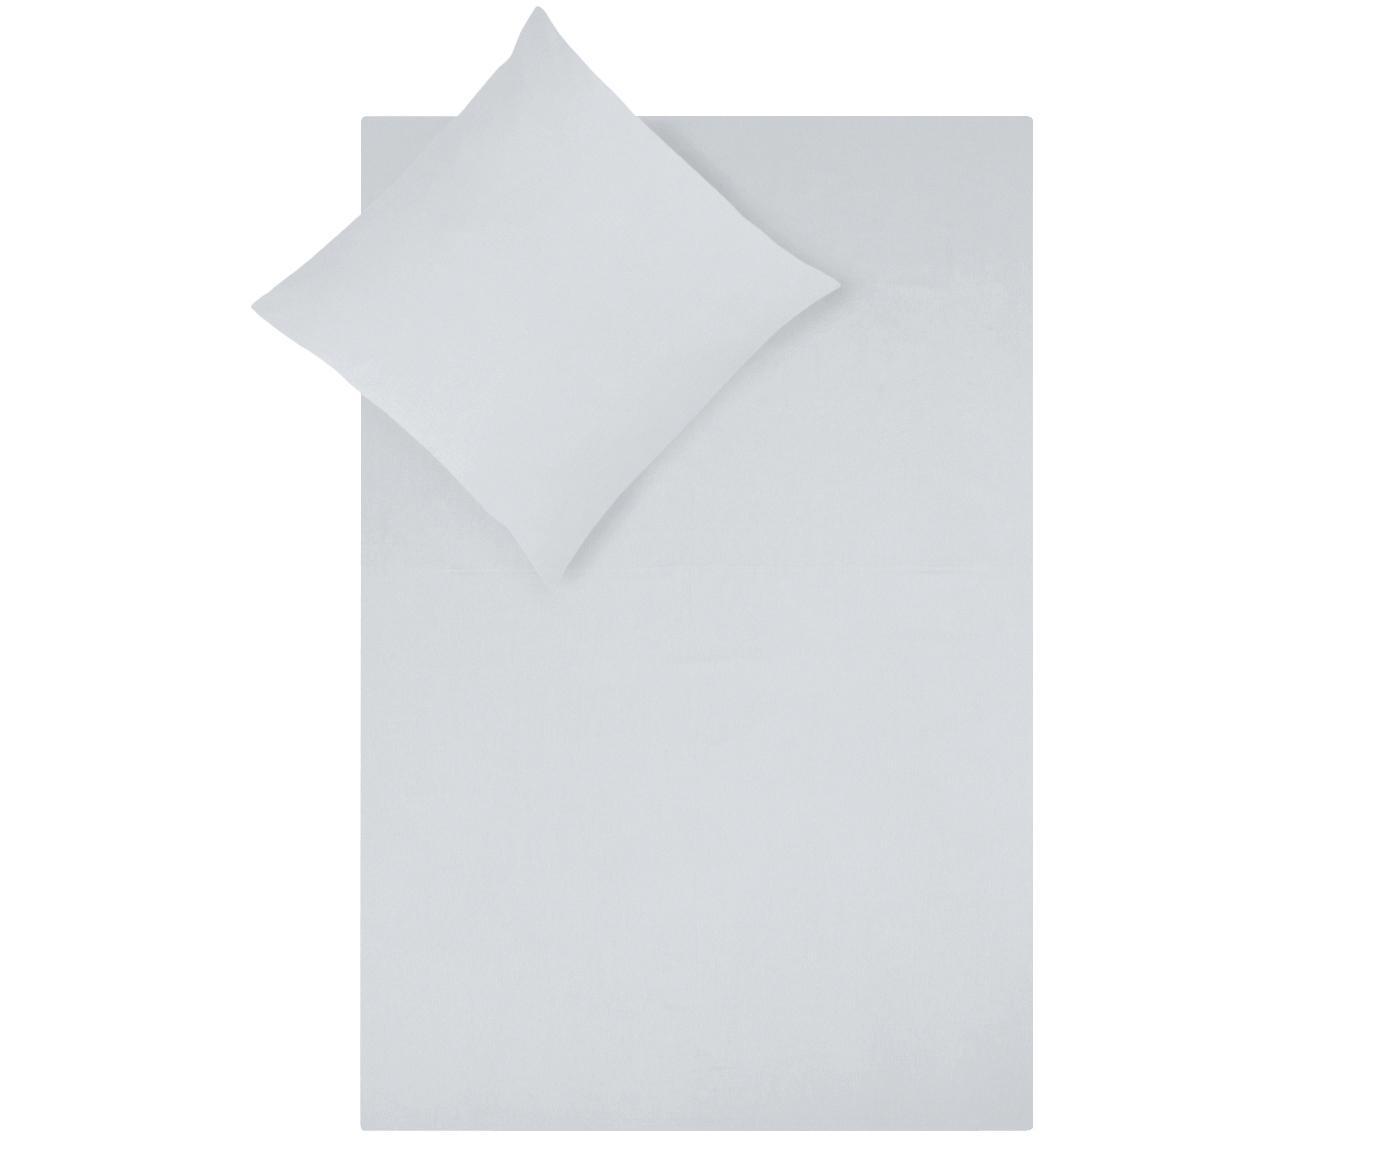 Baumwollsatin-Bettwäsche Comfort in Hellgrau, Webart: Satin Fadendichte 250 TC,, Hellgrau, 135 x 200 cm + 1 Kissen 80 x 80 cm